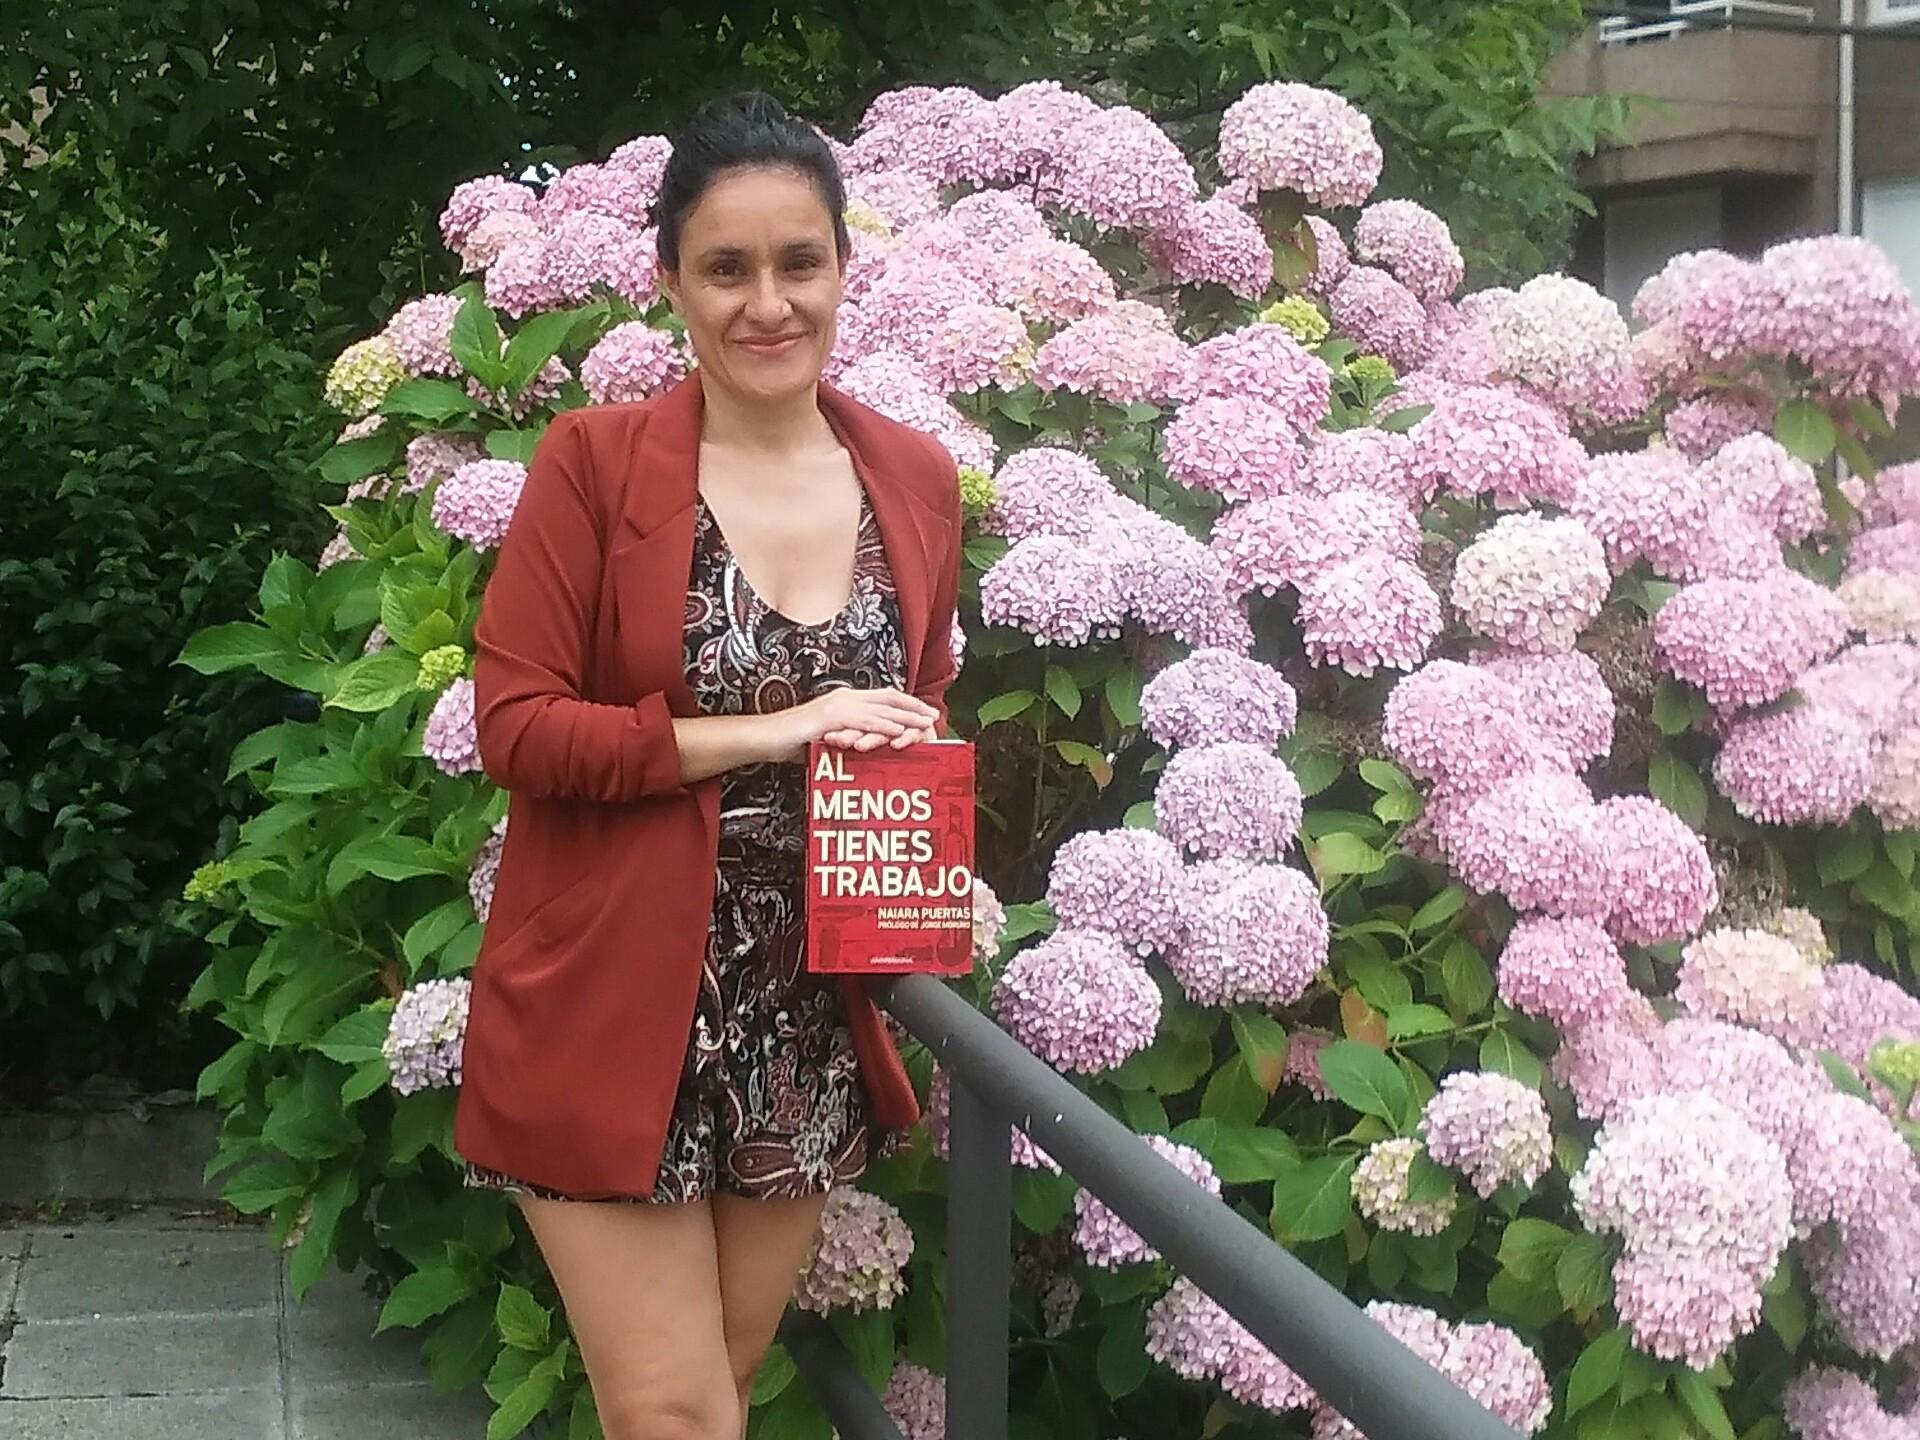 La periodista Naiara Puertas